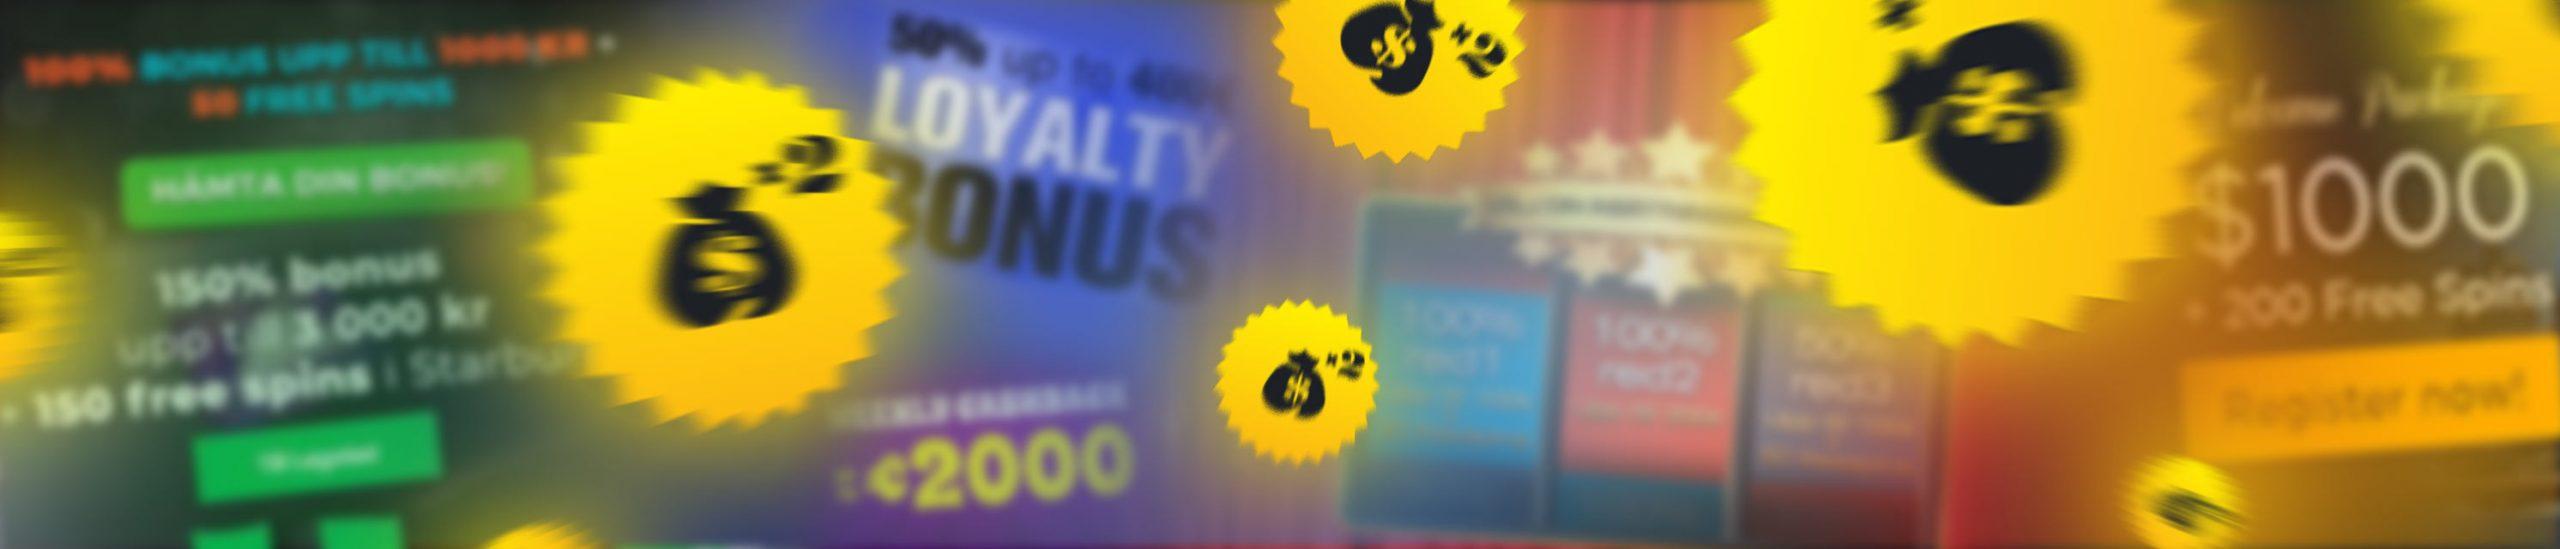 casino utan licens bonus